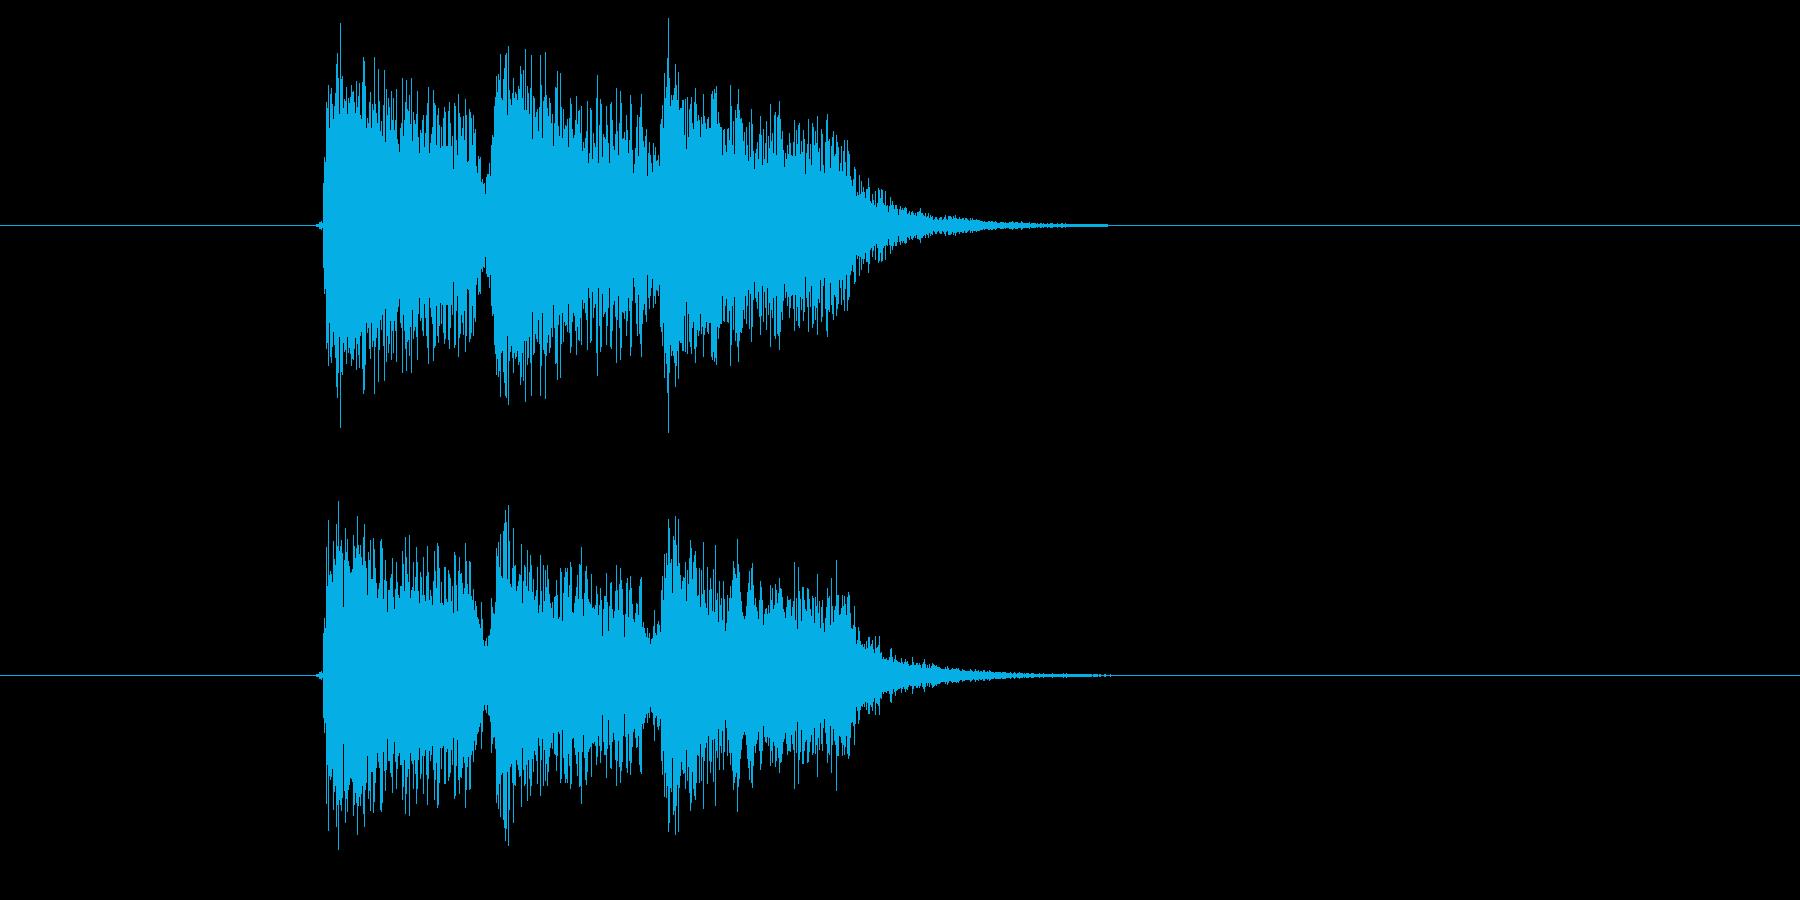 ジャジャジャーン!と聞こえる効果音の再生済みの波形